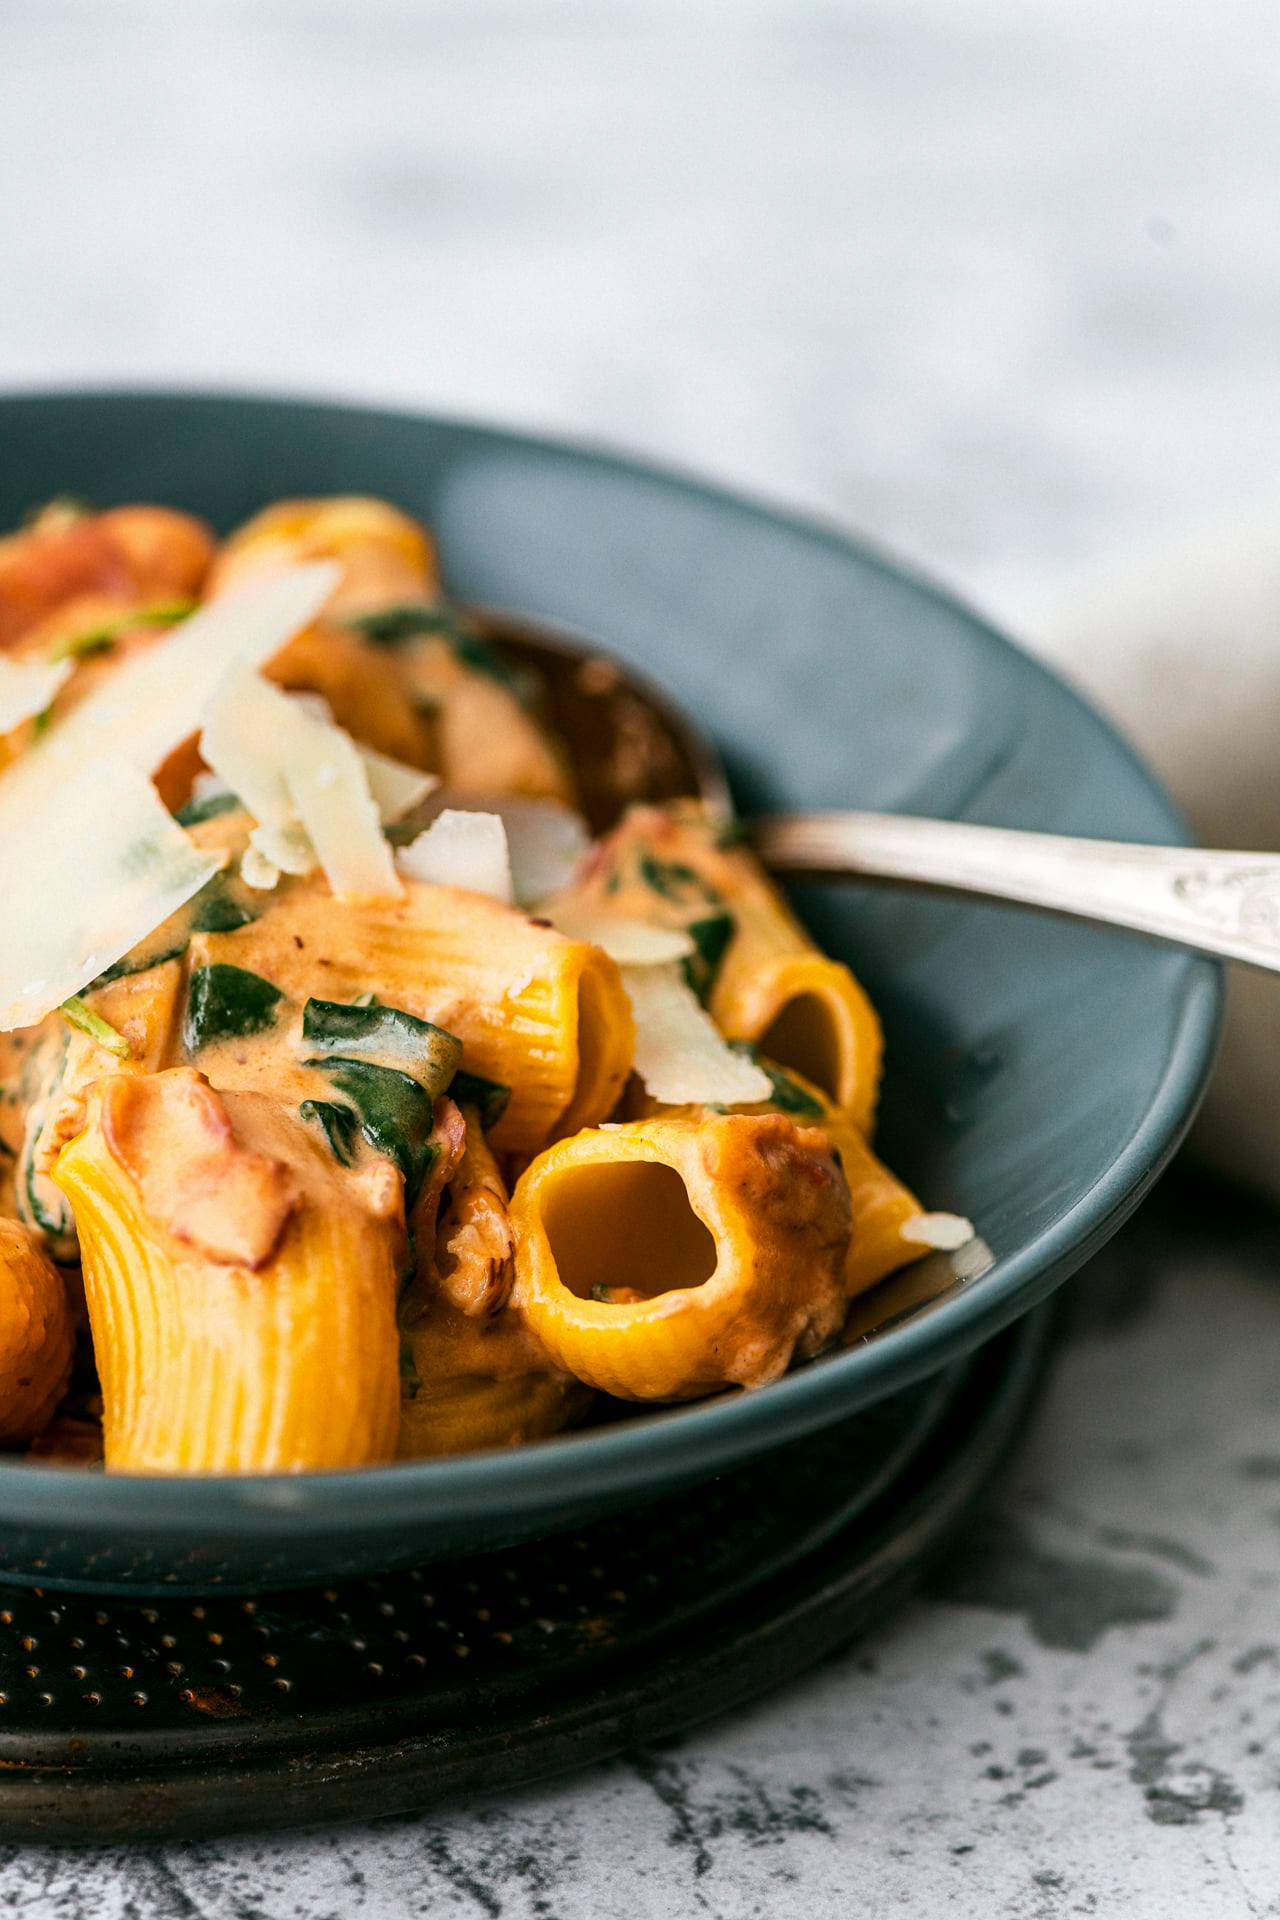 tendencias gastronómicas 2021 - ¿Qué deparará el 2021 en tendencias gastronómicas?